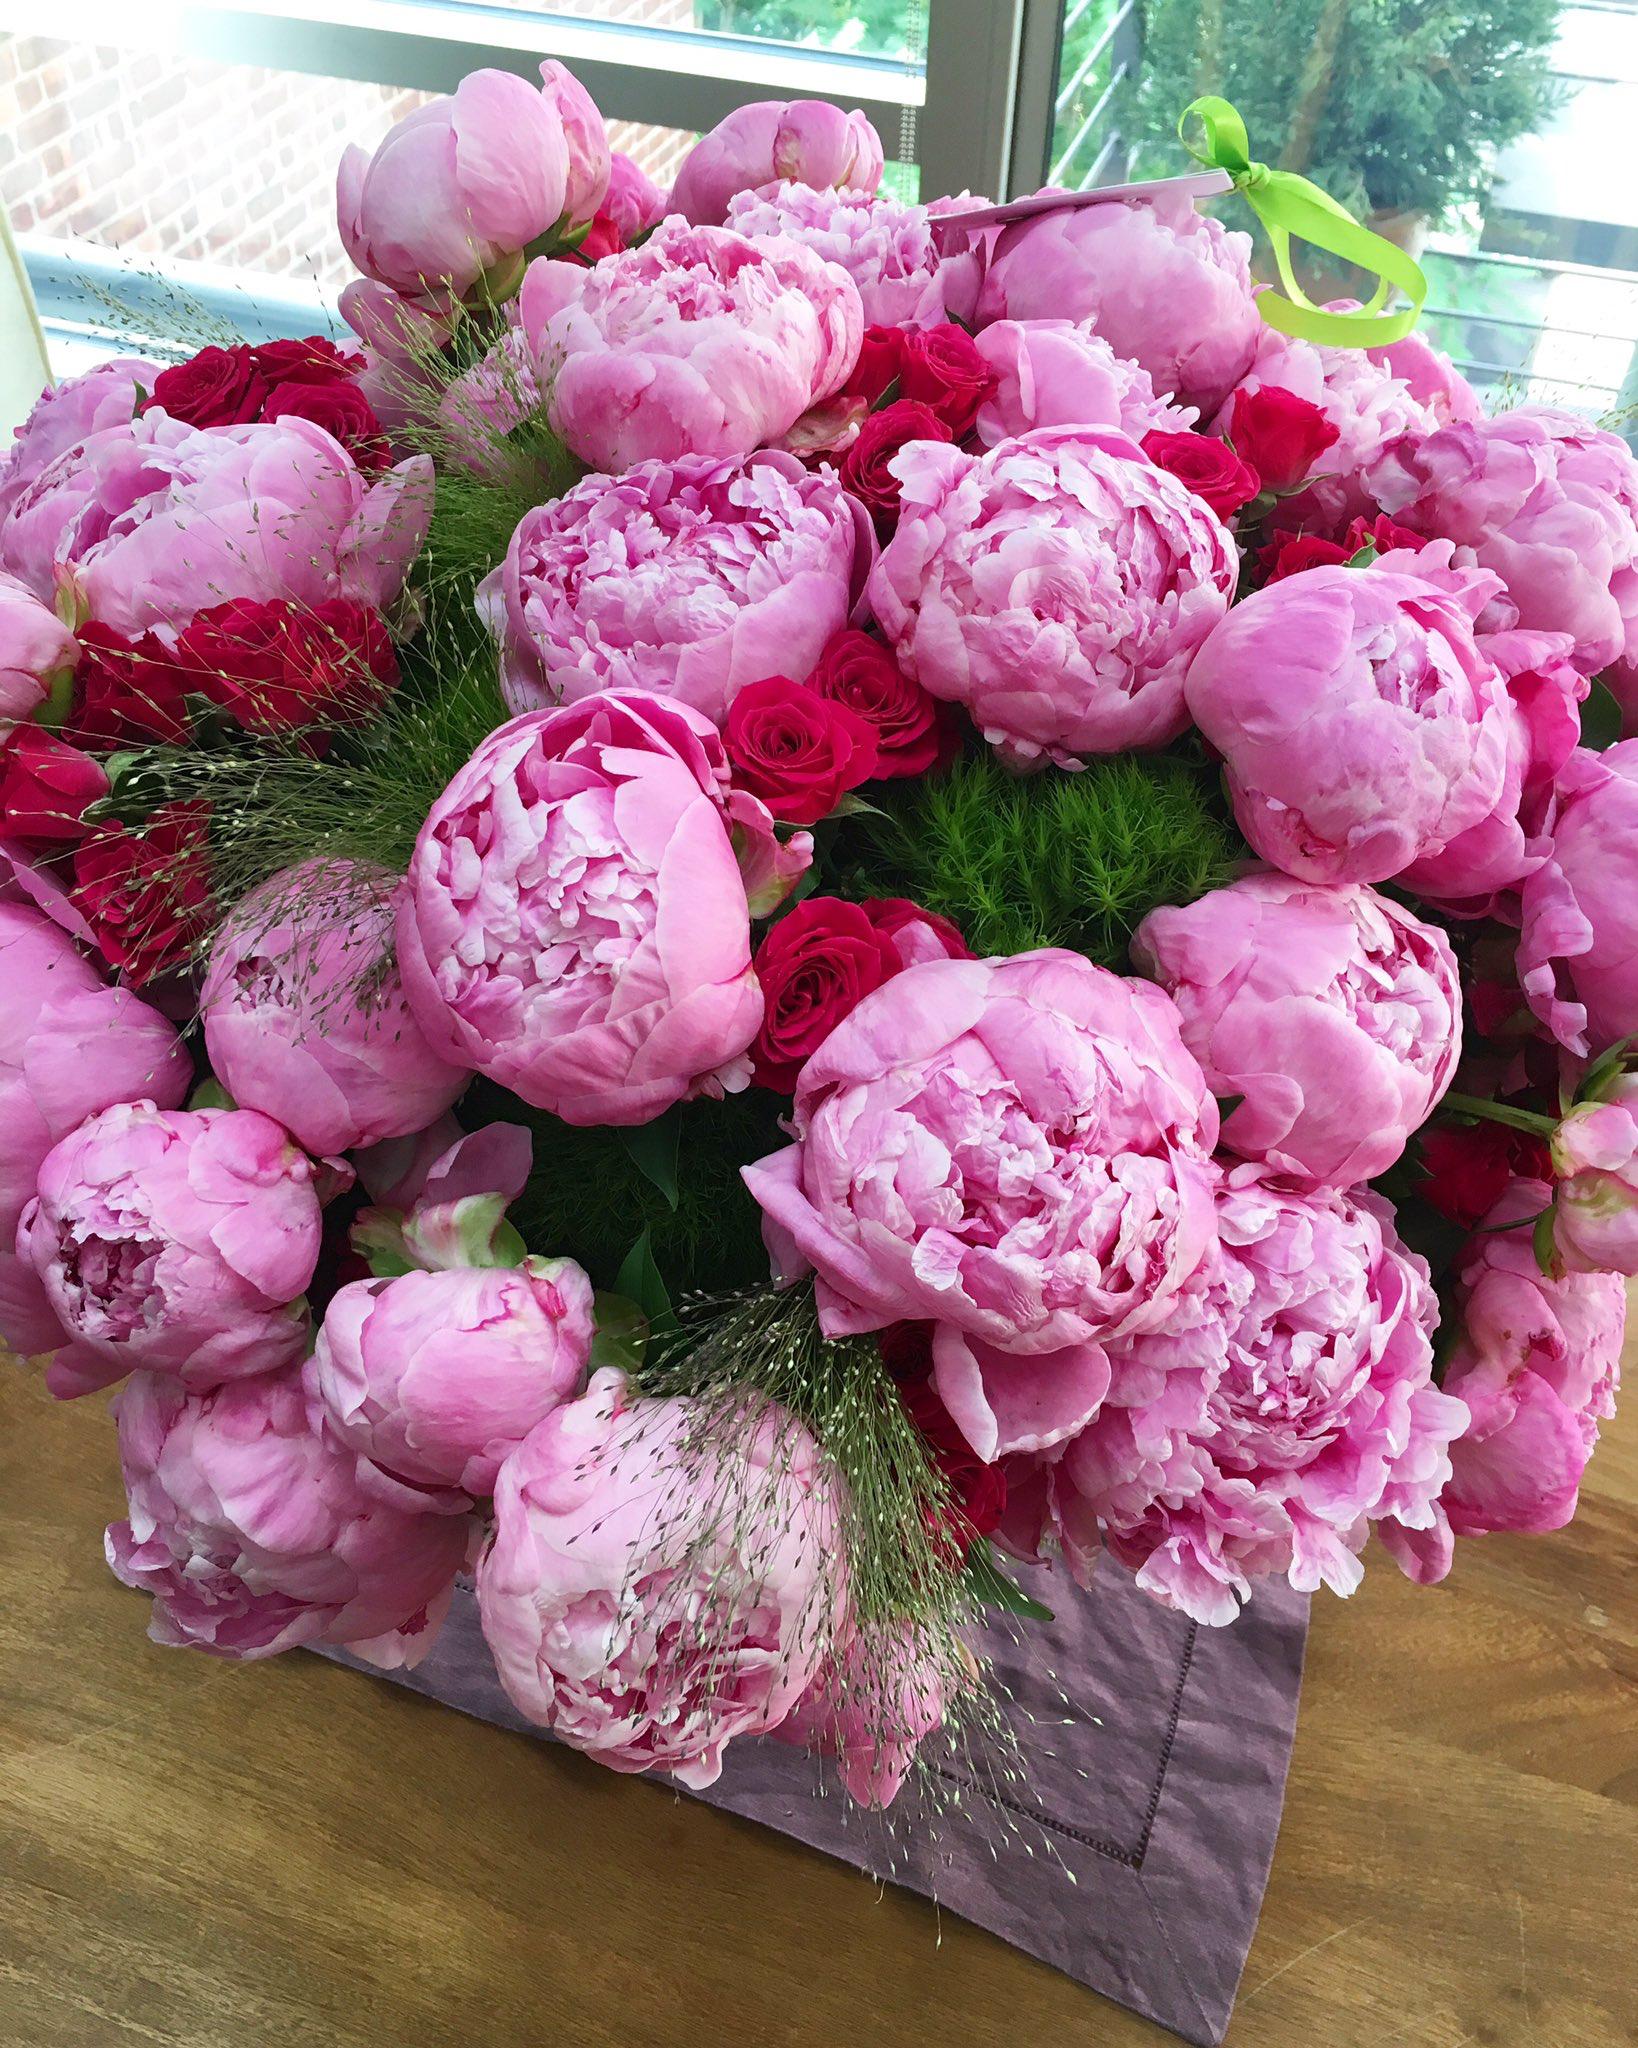 зрители, цветы пионы открытки красивые своему